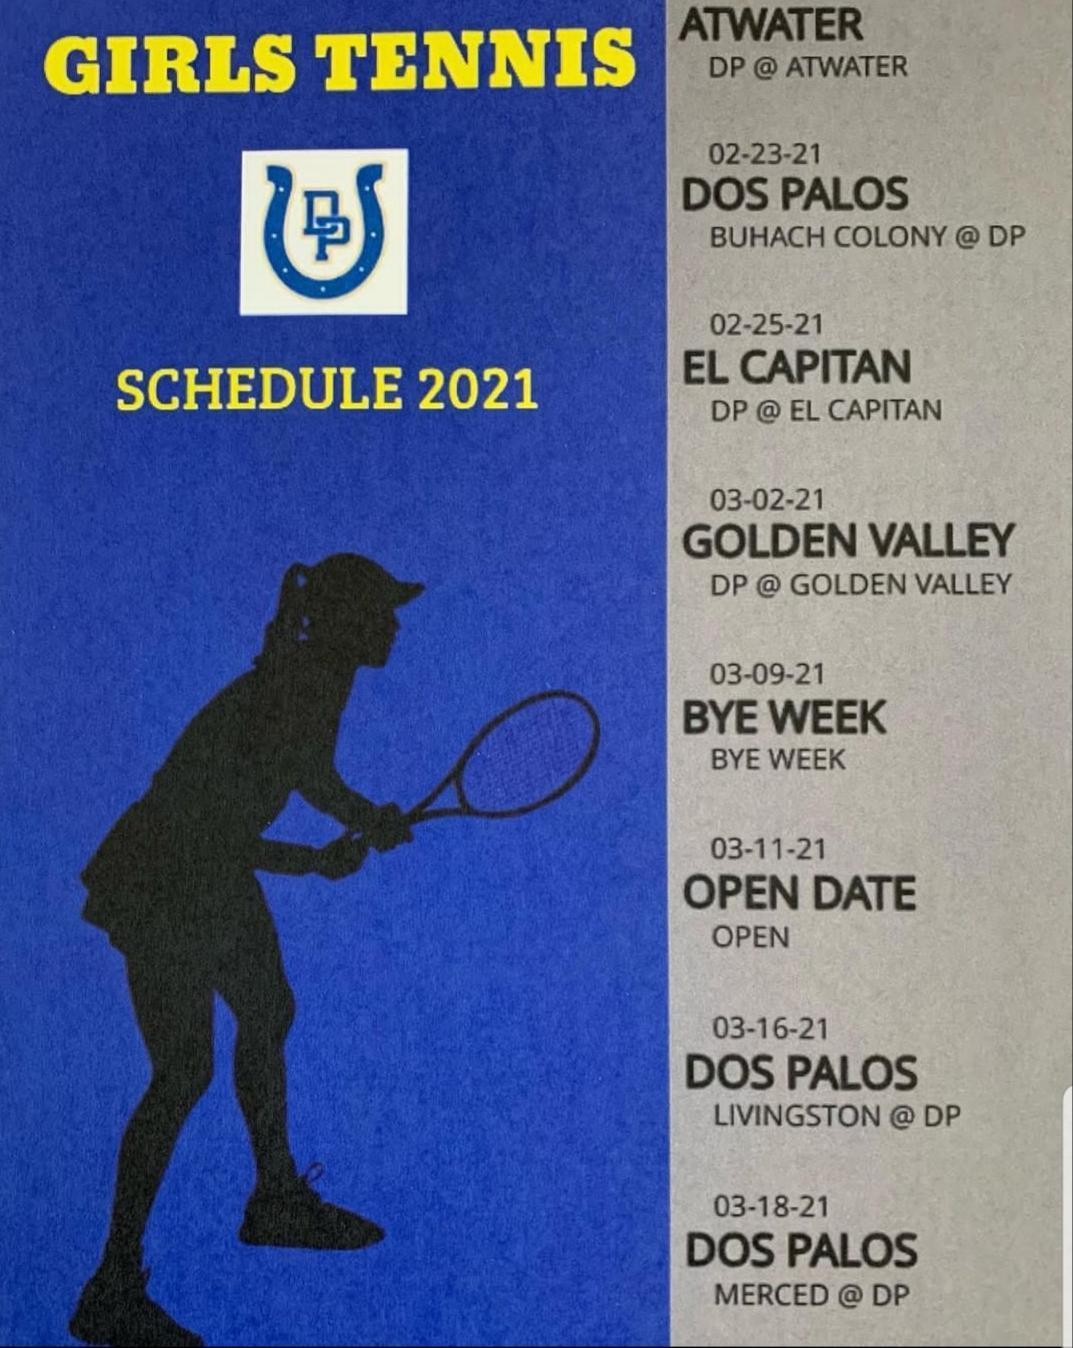 2021 Girls Tennis Schedule